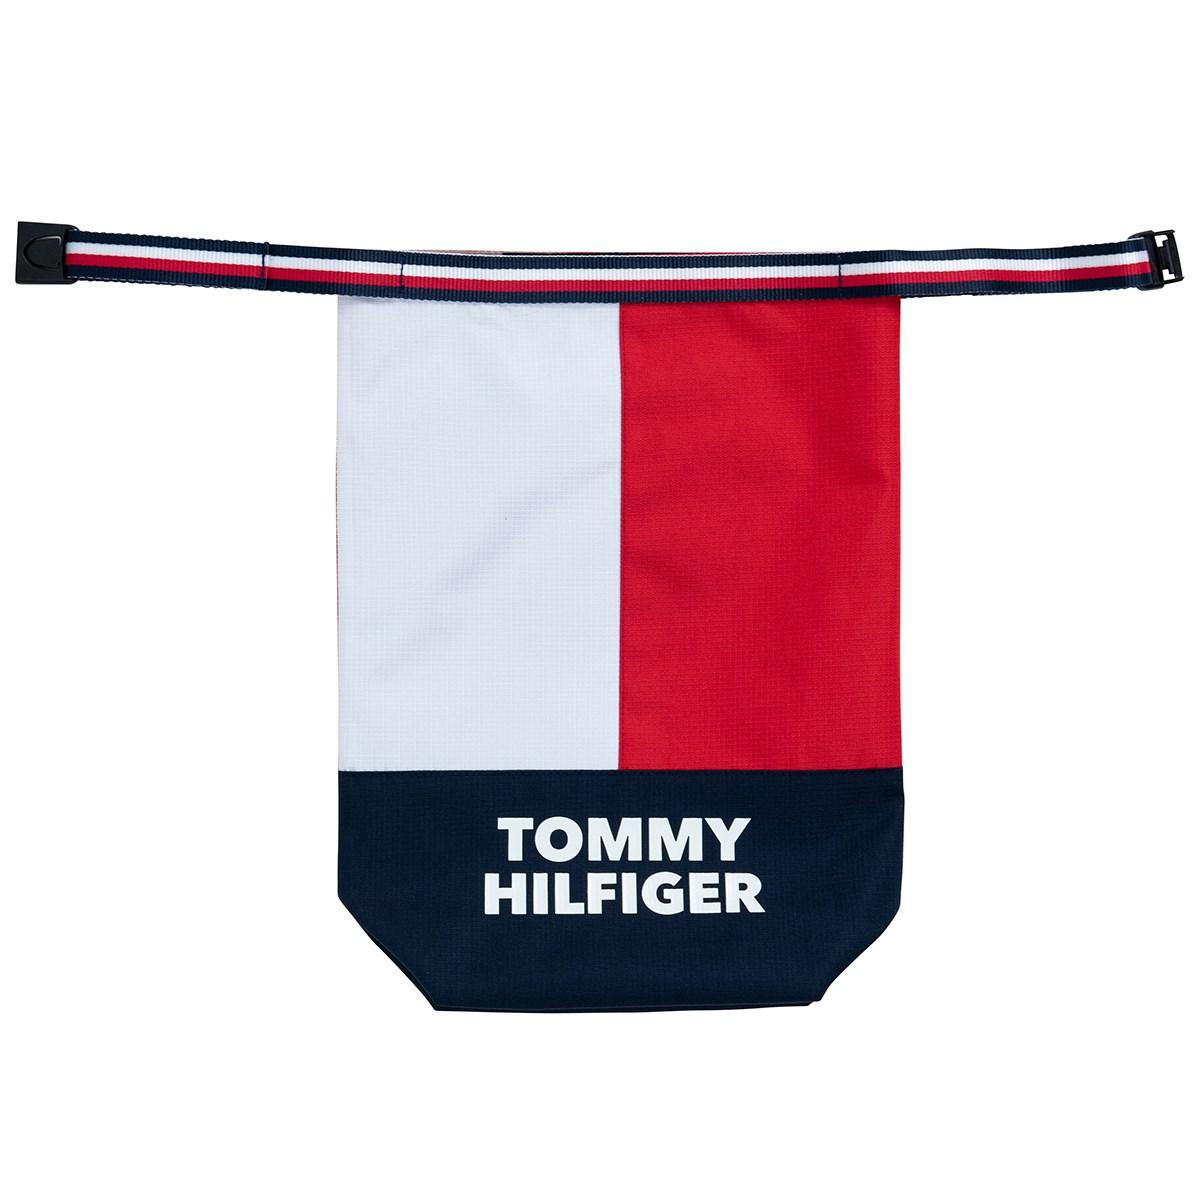 トミー ヒルフィガー ゴルフ TOMMY HILFIGER GOLF SPLIT シューズケース トリコロール 90